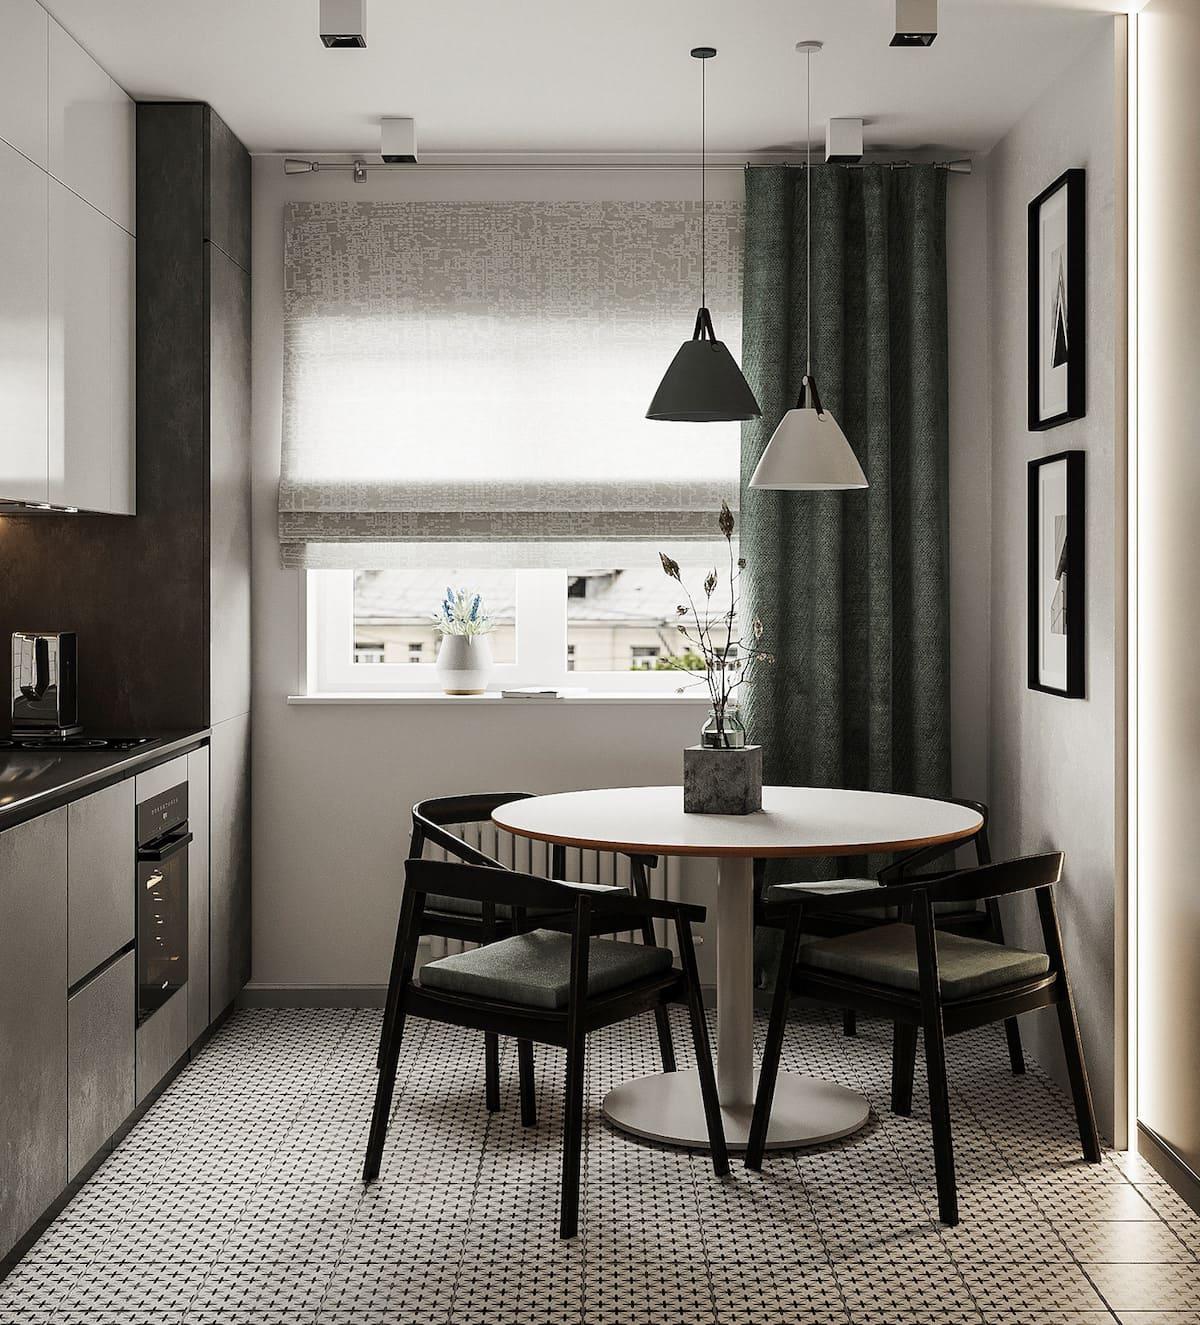 Conception d'un appartement à une chambre photo 57